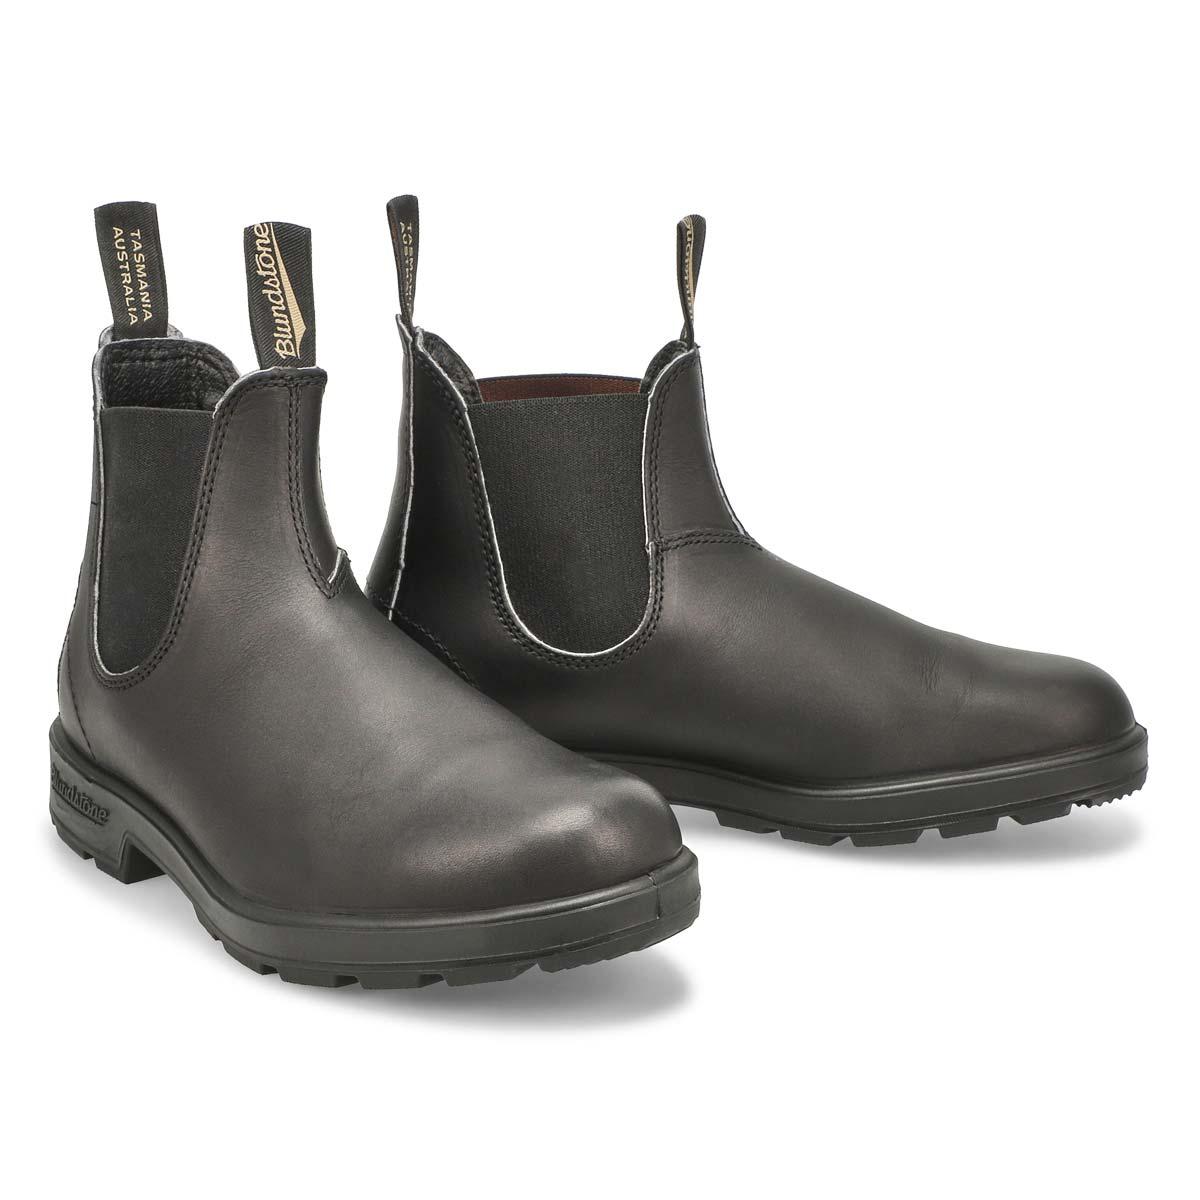 Bottes Original, noir, unisexes